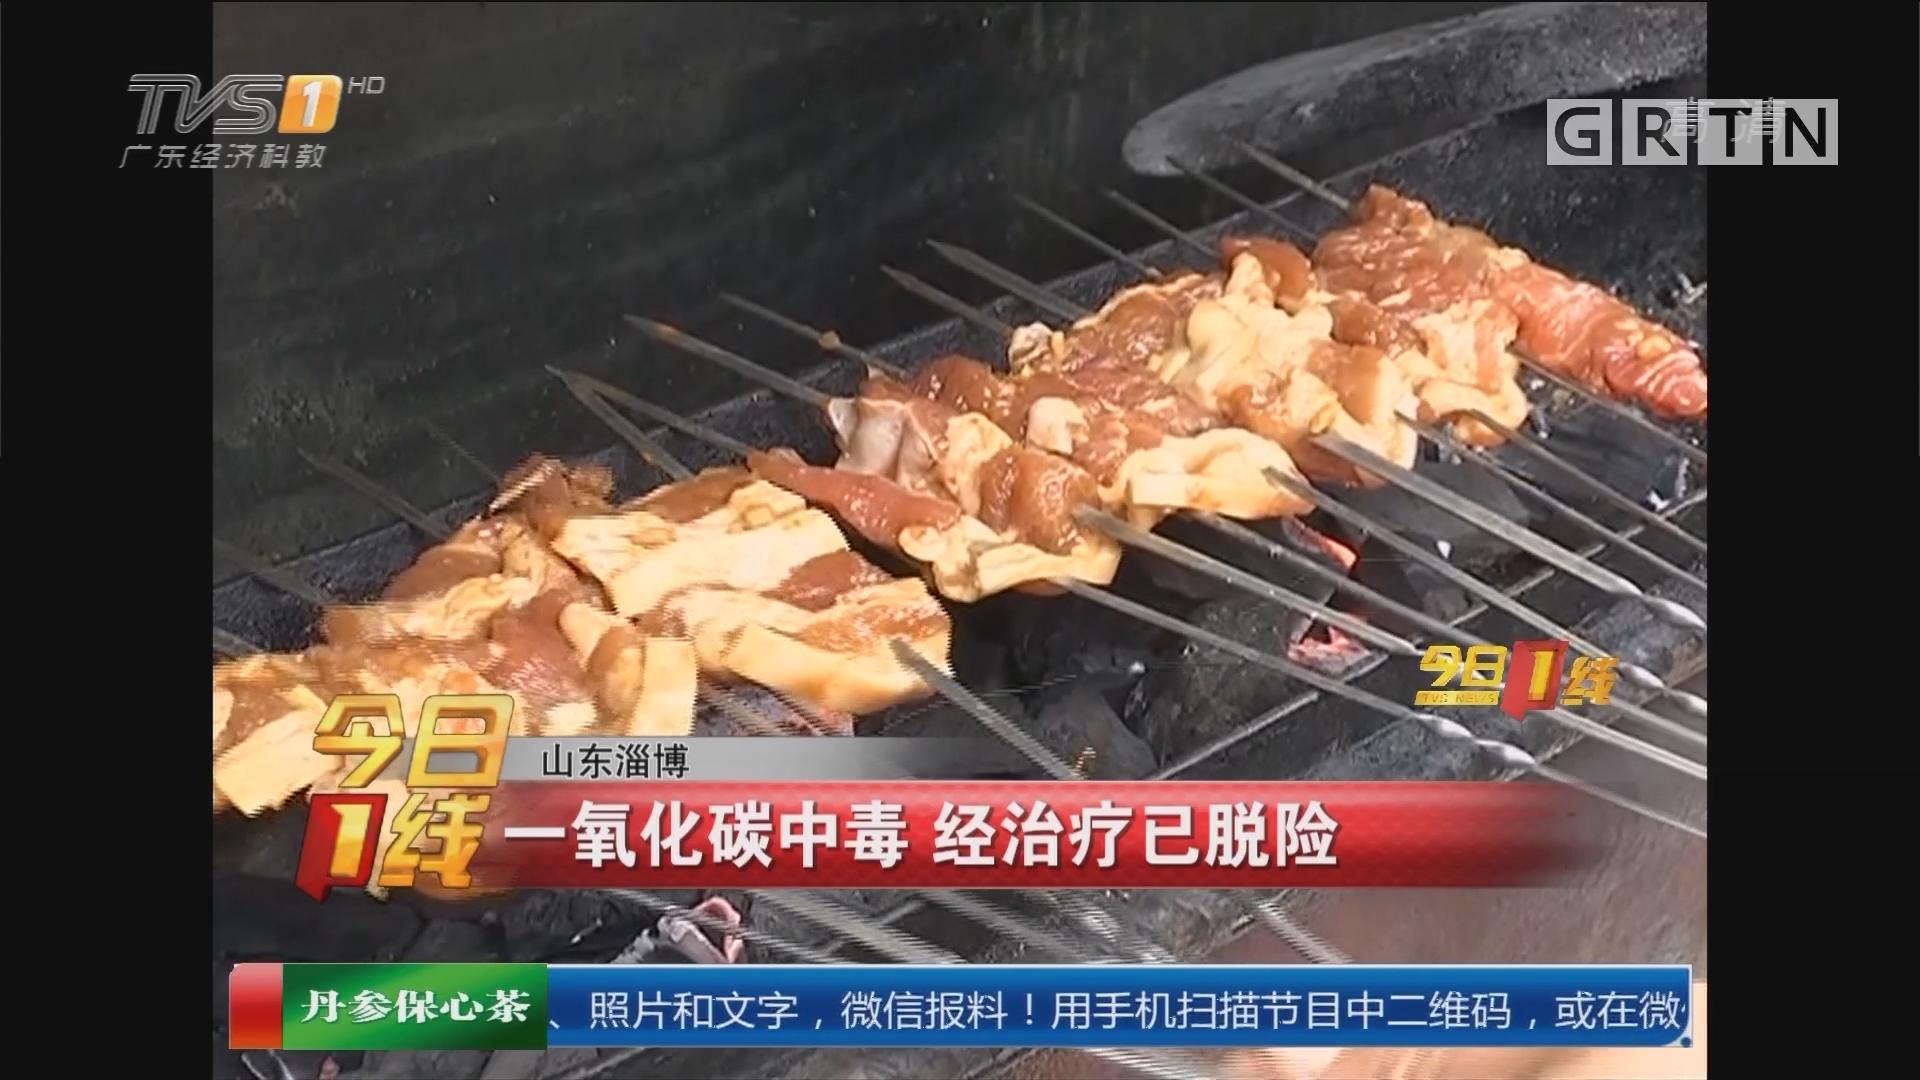 山东淄博:开空调吃烧烤 俩女孩晕倒入院